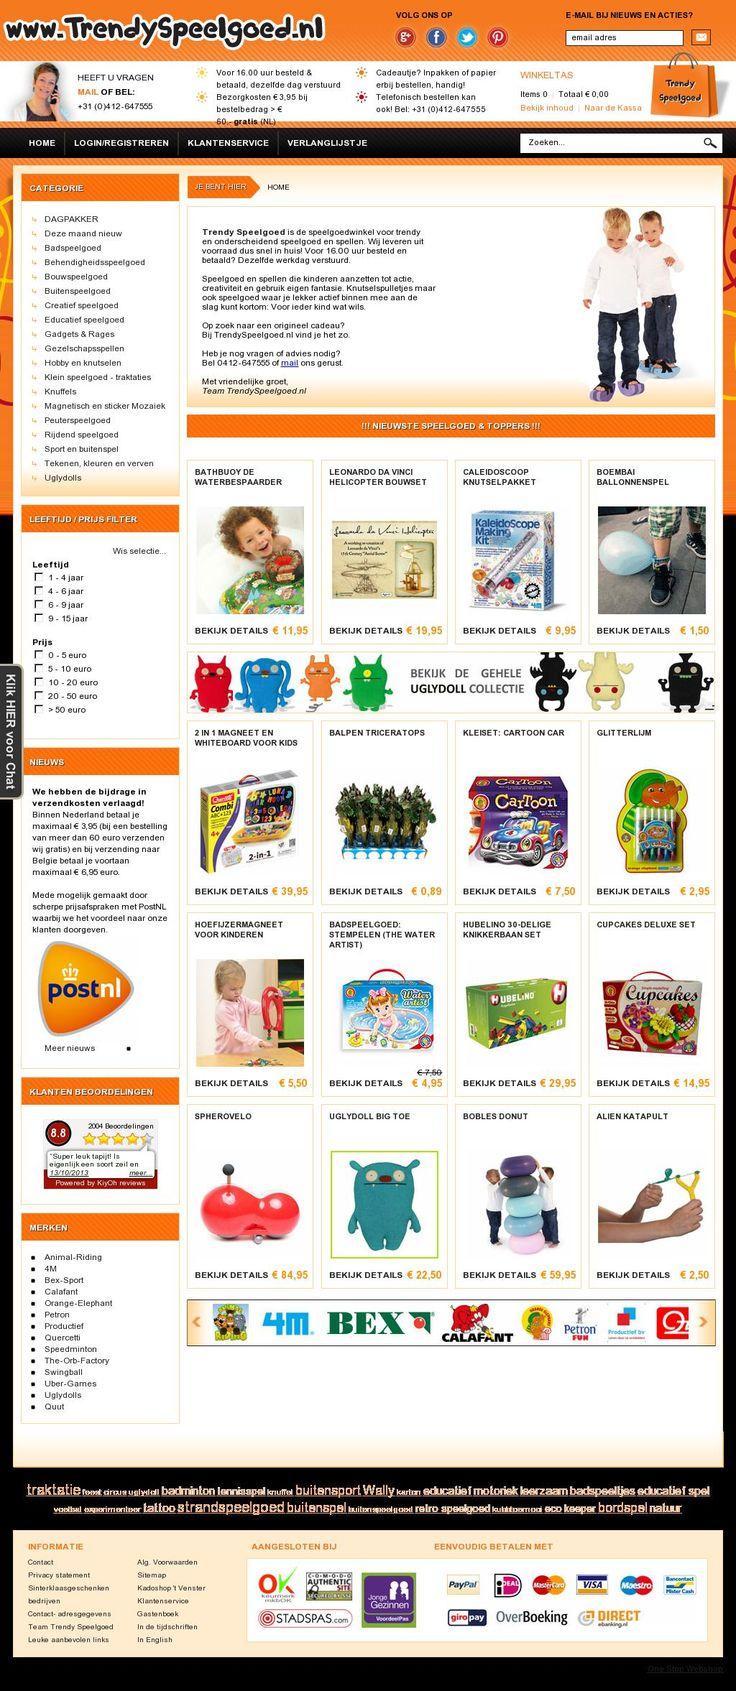 www.trendyspeelgoed.nl Trendy Speelgoed is de speelgoedwinkel voor trendy en onderscheidend speelgoed en spellen.  Speelgoed en spellen die kinderen aanzetten tot actie, creativiteit en gebruik van  eigen fantasie. Knutselspulletjes maar ook speelgoed waar je lekker actief binnen mee aan de slag kunt kortom: Voor ieder kind wat wils. #webshop